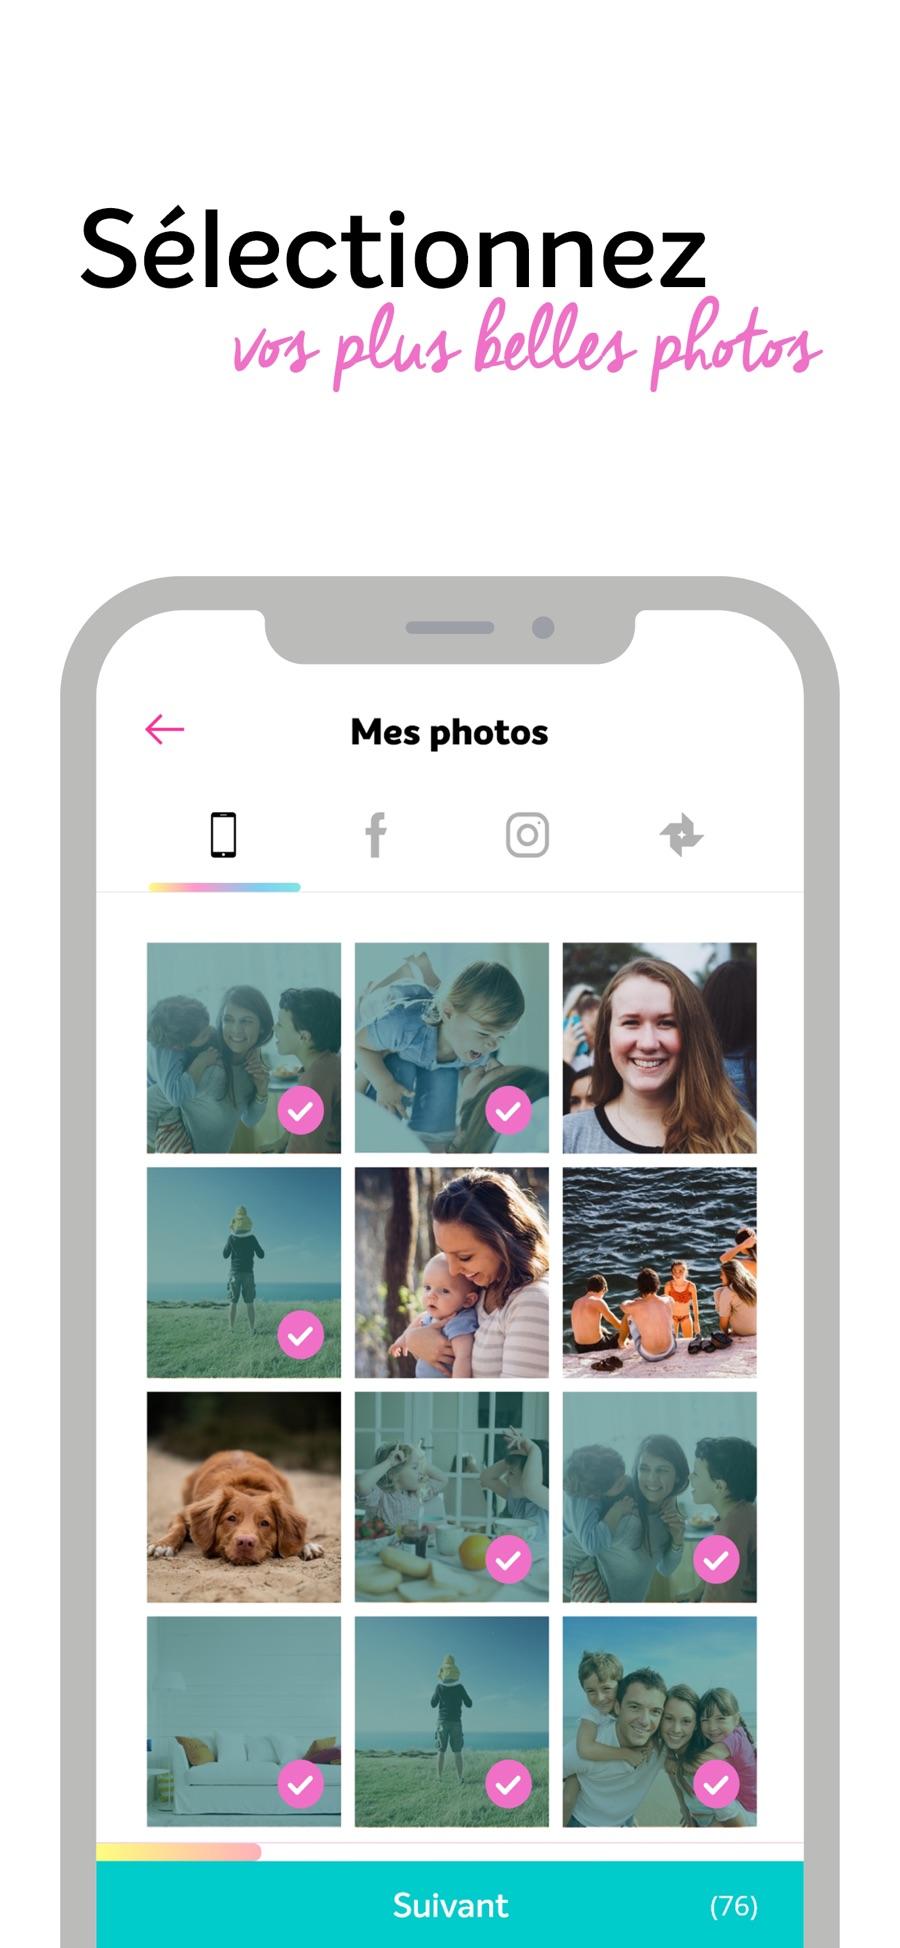 Sélectionnez vos photos